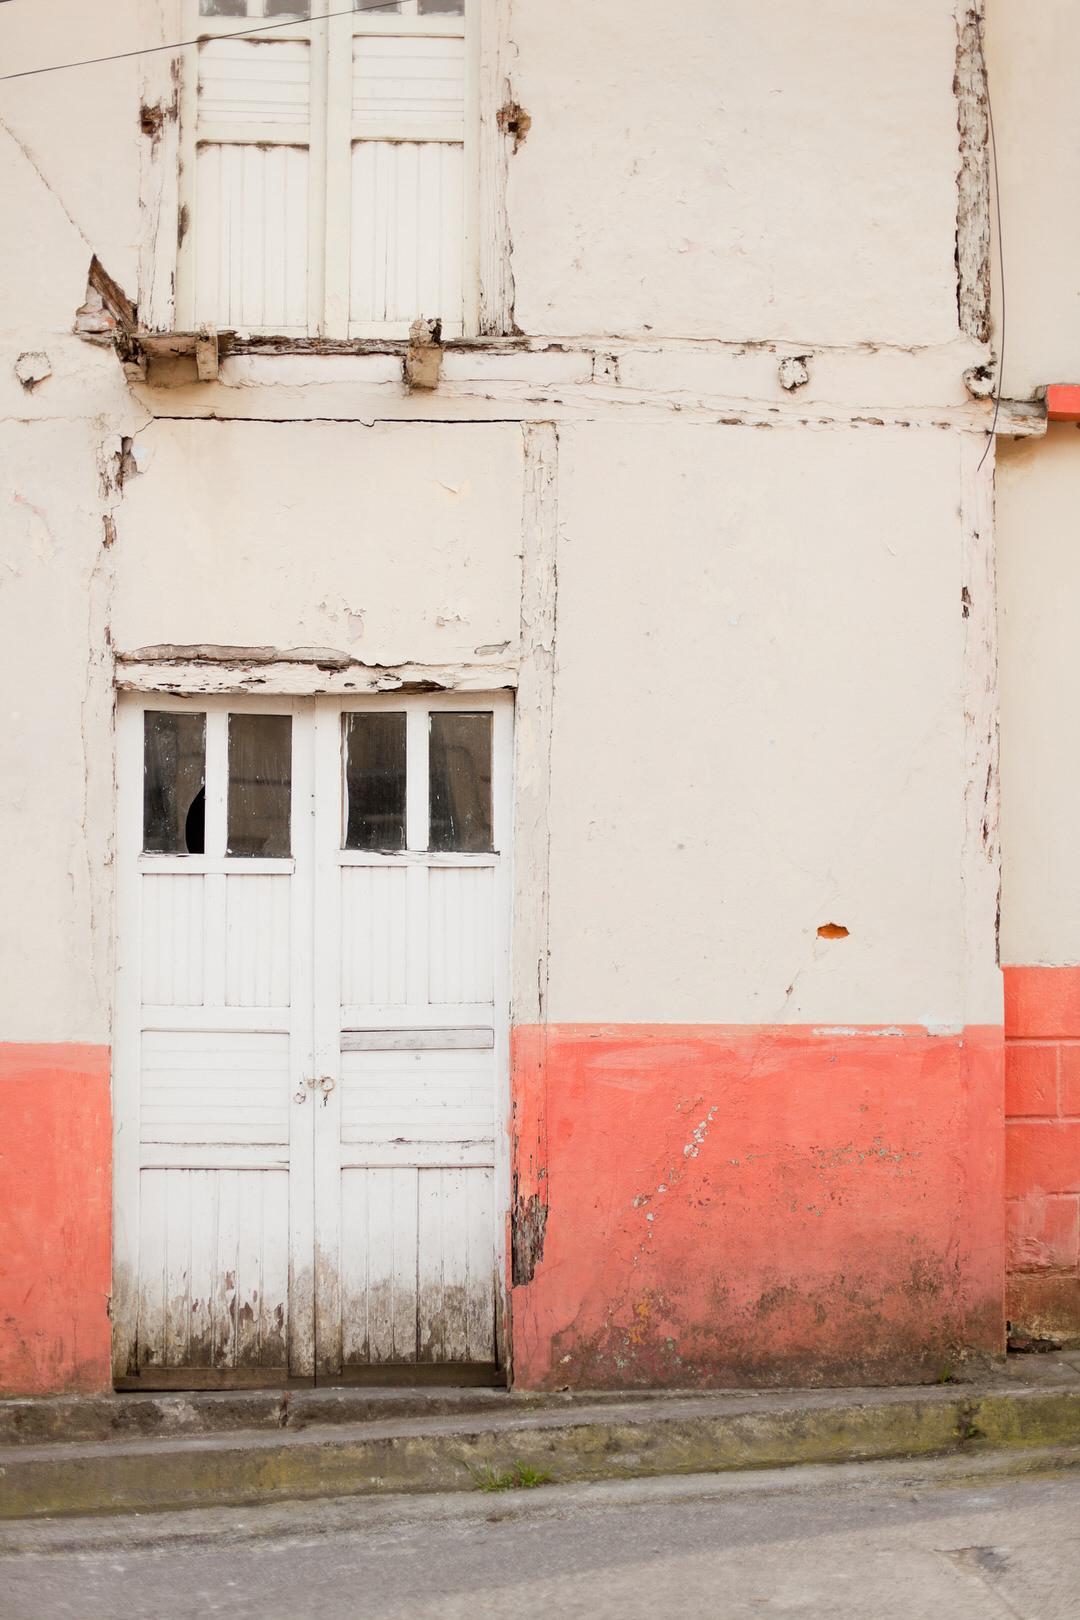 melissa kruse photography - Banos, Ecuador-119.jpg